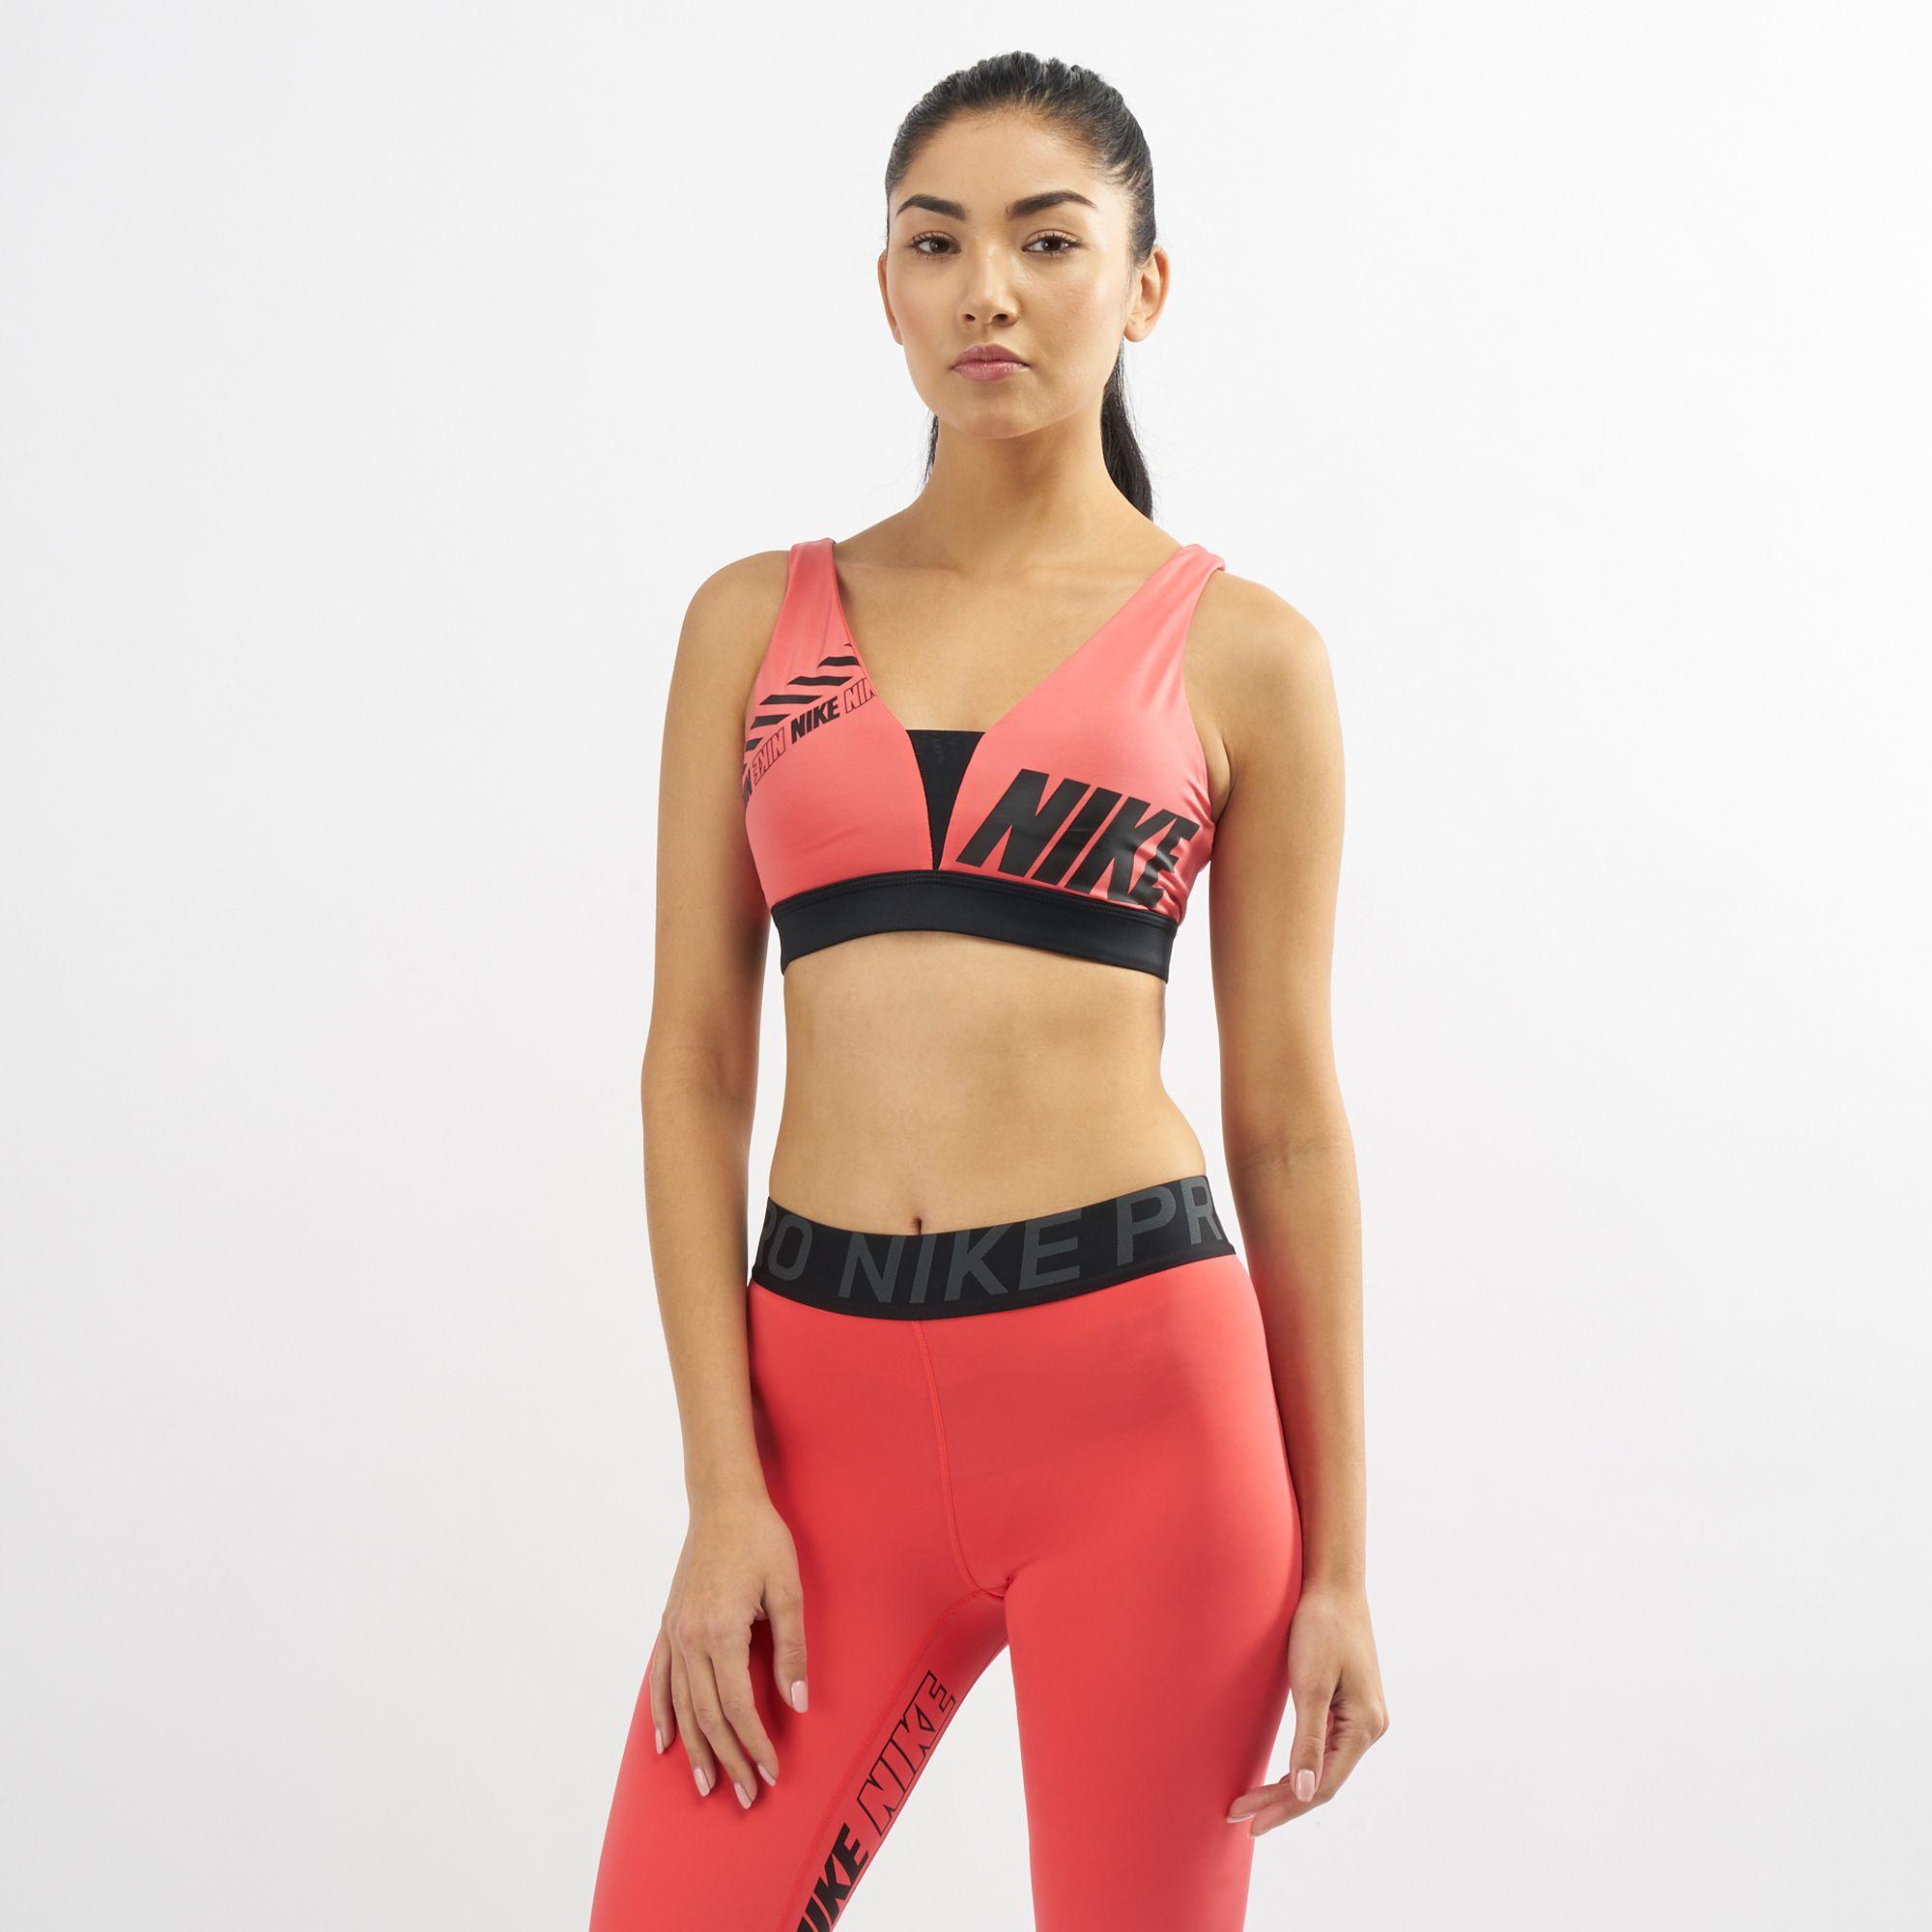 aa2fc4b86a9133 Nike Women's Sport District Indy Plunge Sports Bra | Sports Bra | Clothing  | Women's Sale | Sale | SSS